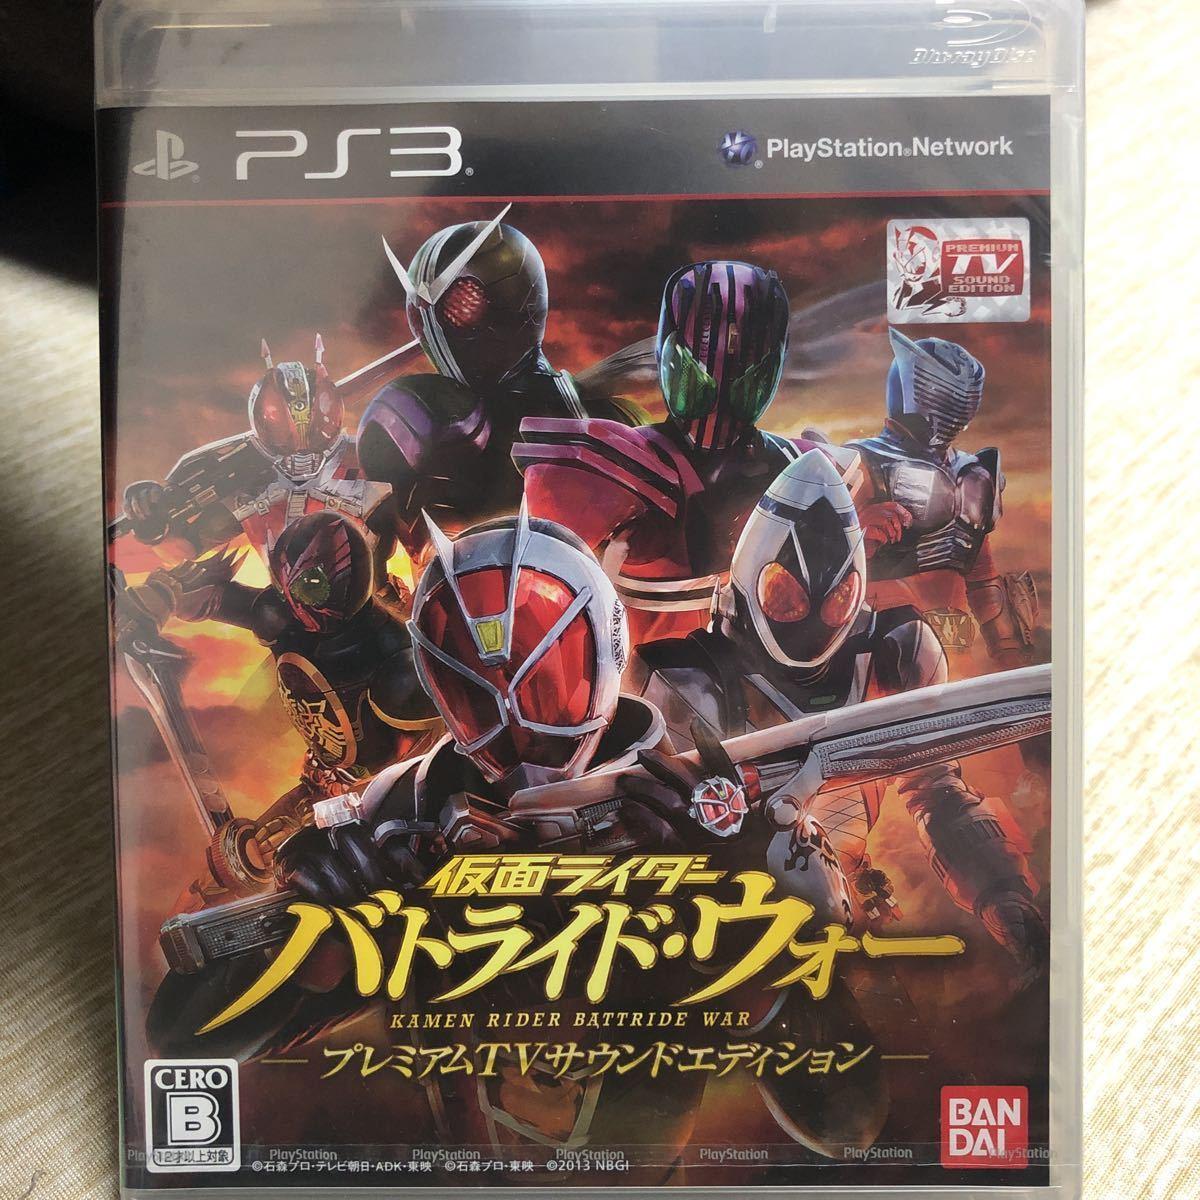 仮面ライダー バトライド・ウォー ープレミアムTVサウンドエディションー PS3 PS3ソフト